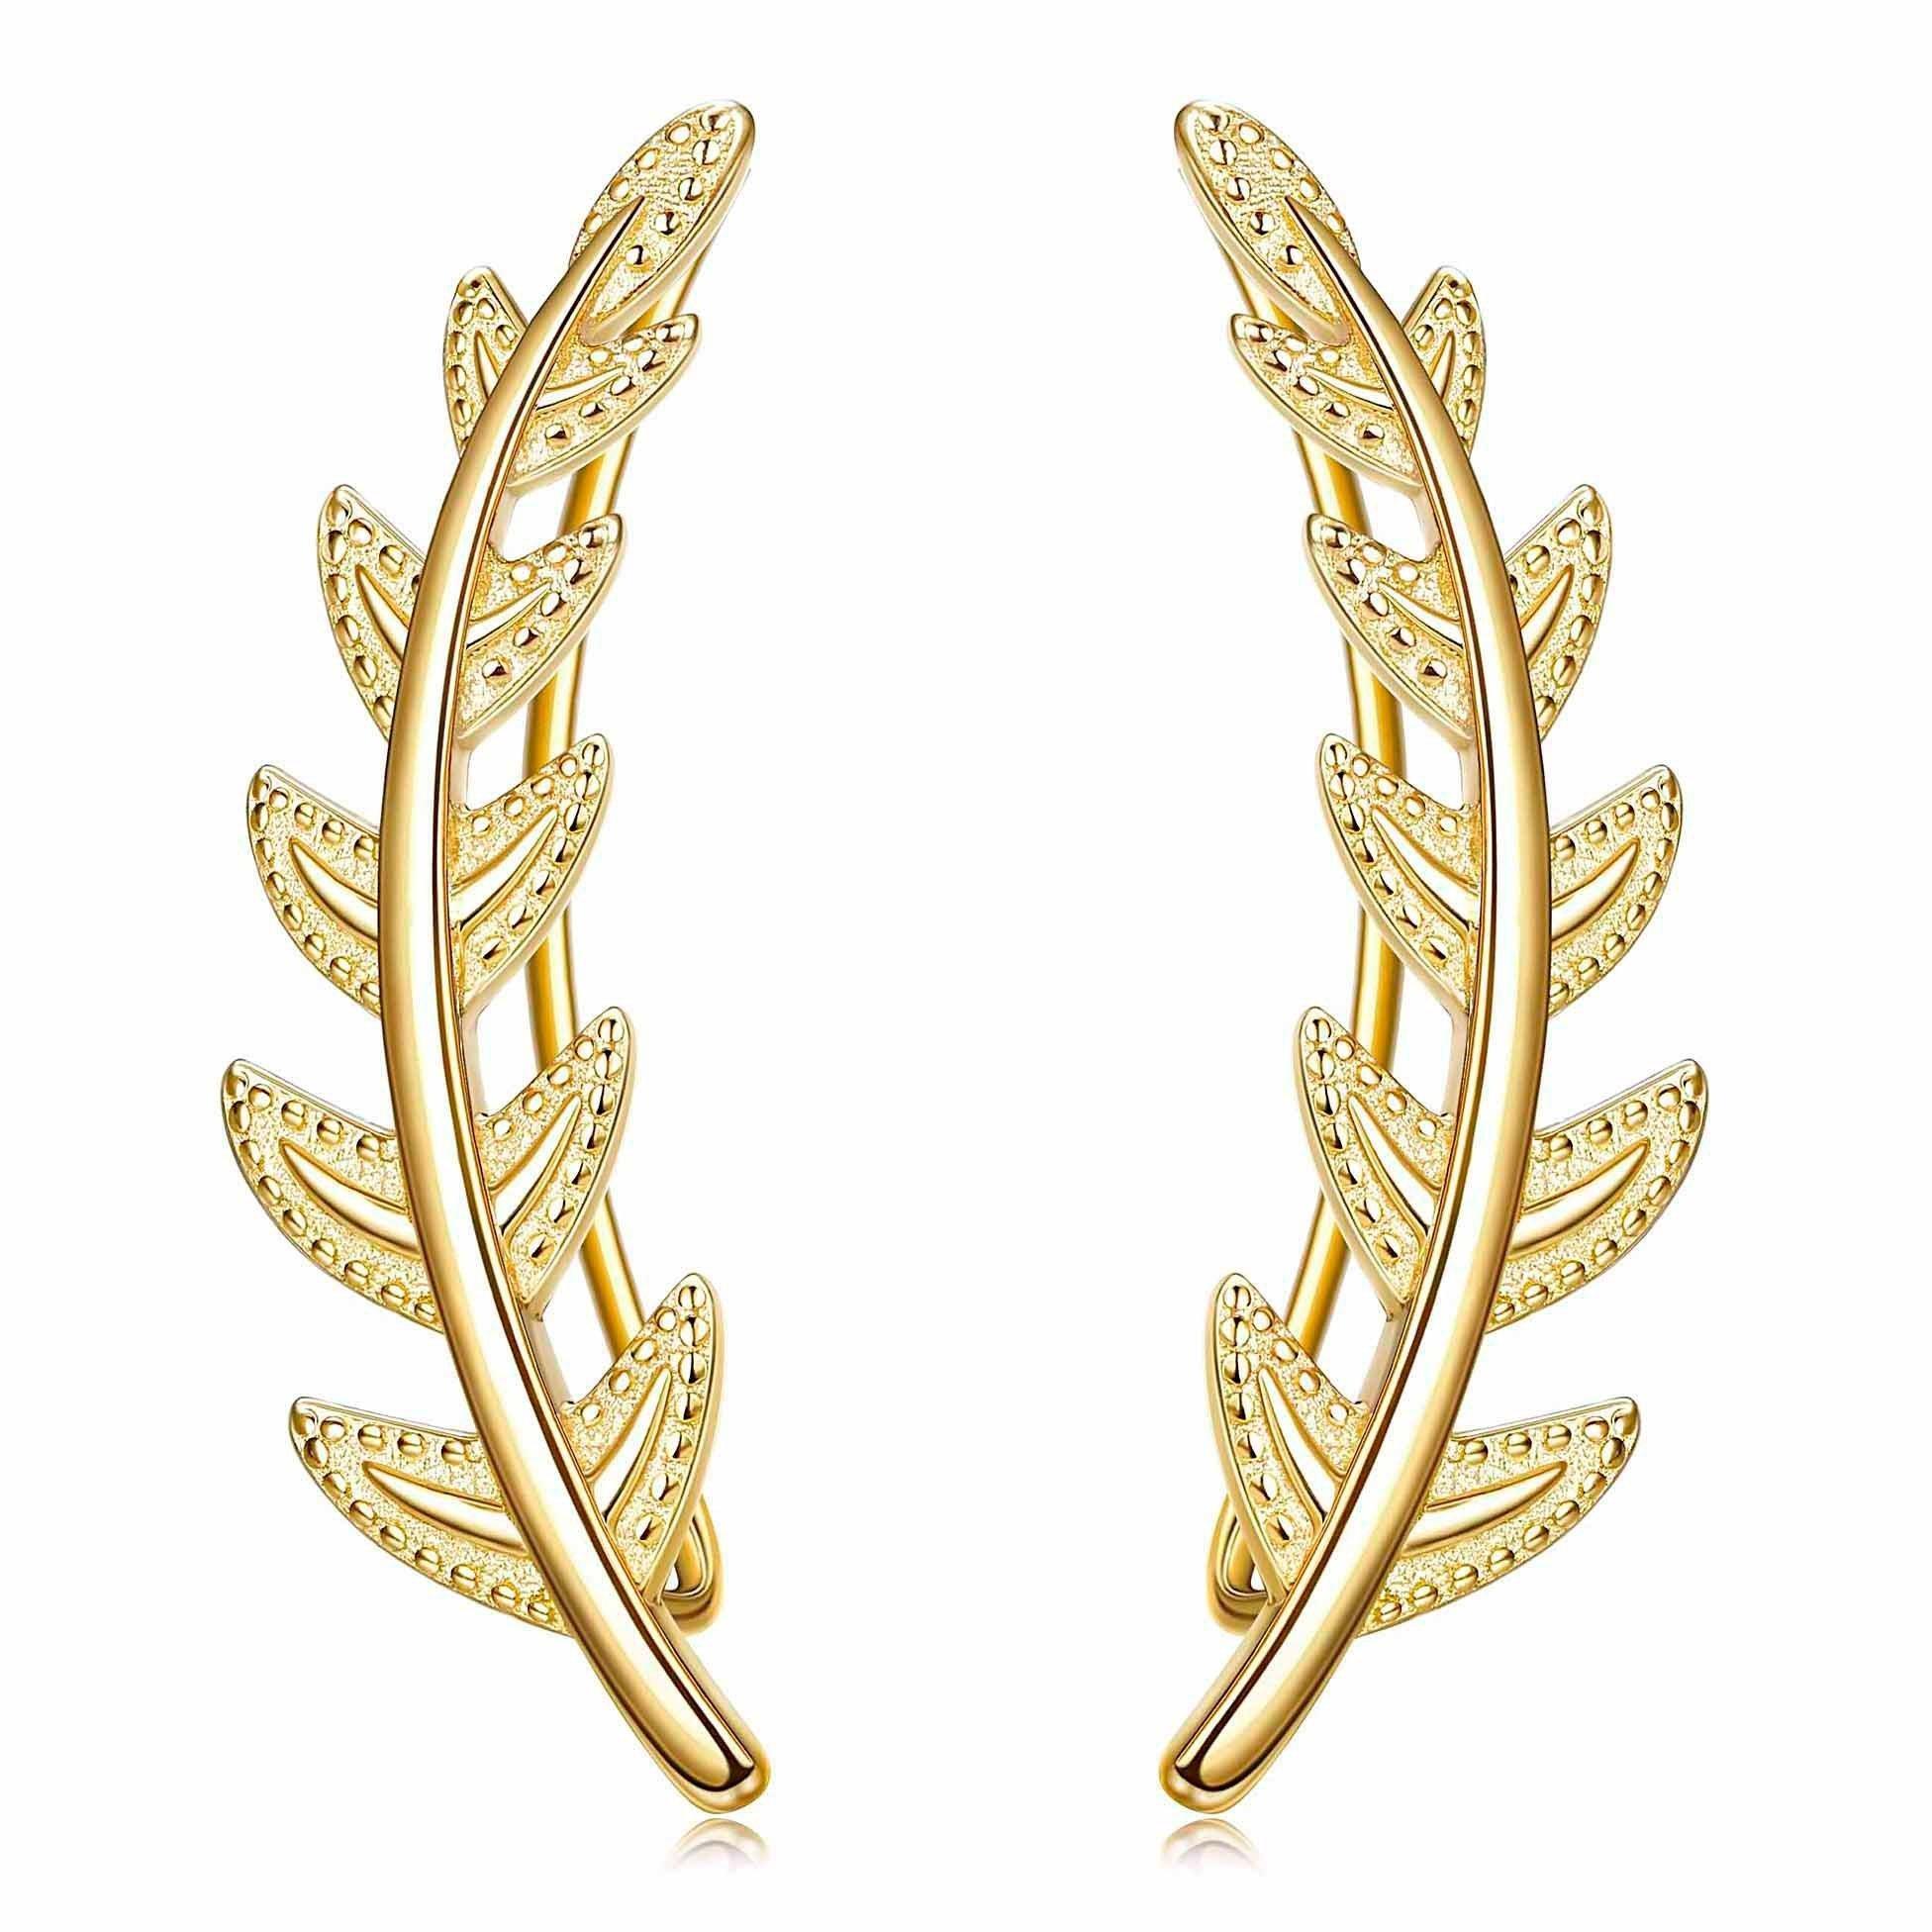 FUNRUN JEWELRY 18K Gold Plated Leaf Sterling Silver Ear Crawler Cuff Earrings for Women Girls Climber Earrings Hypoallergenic